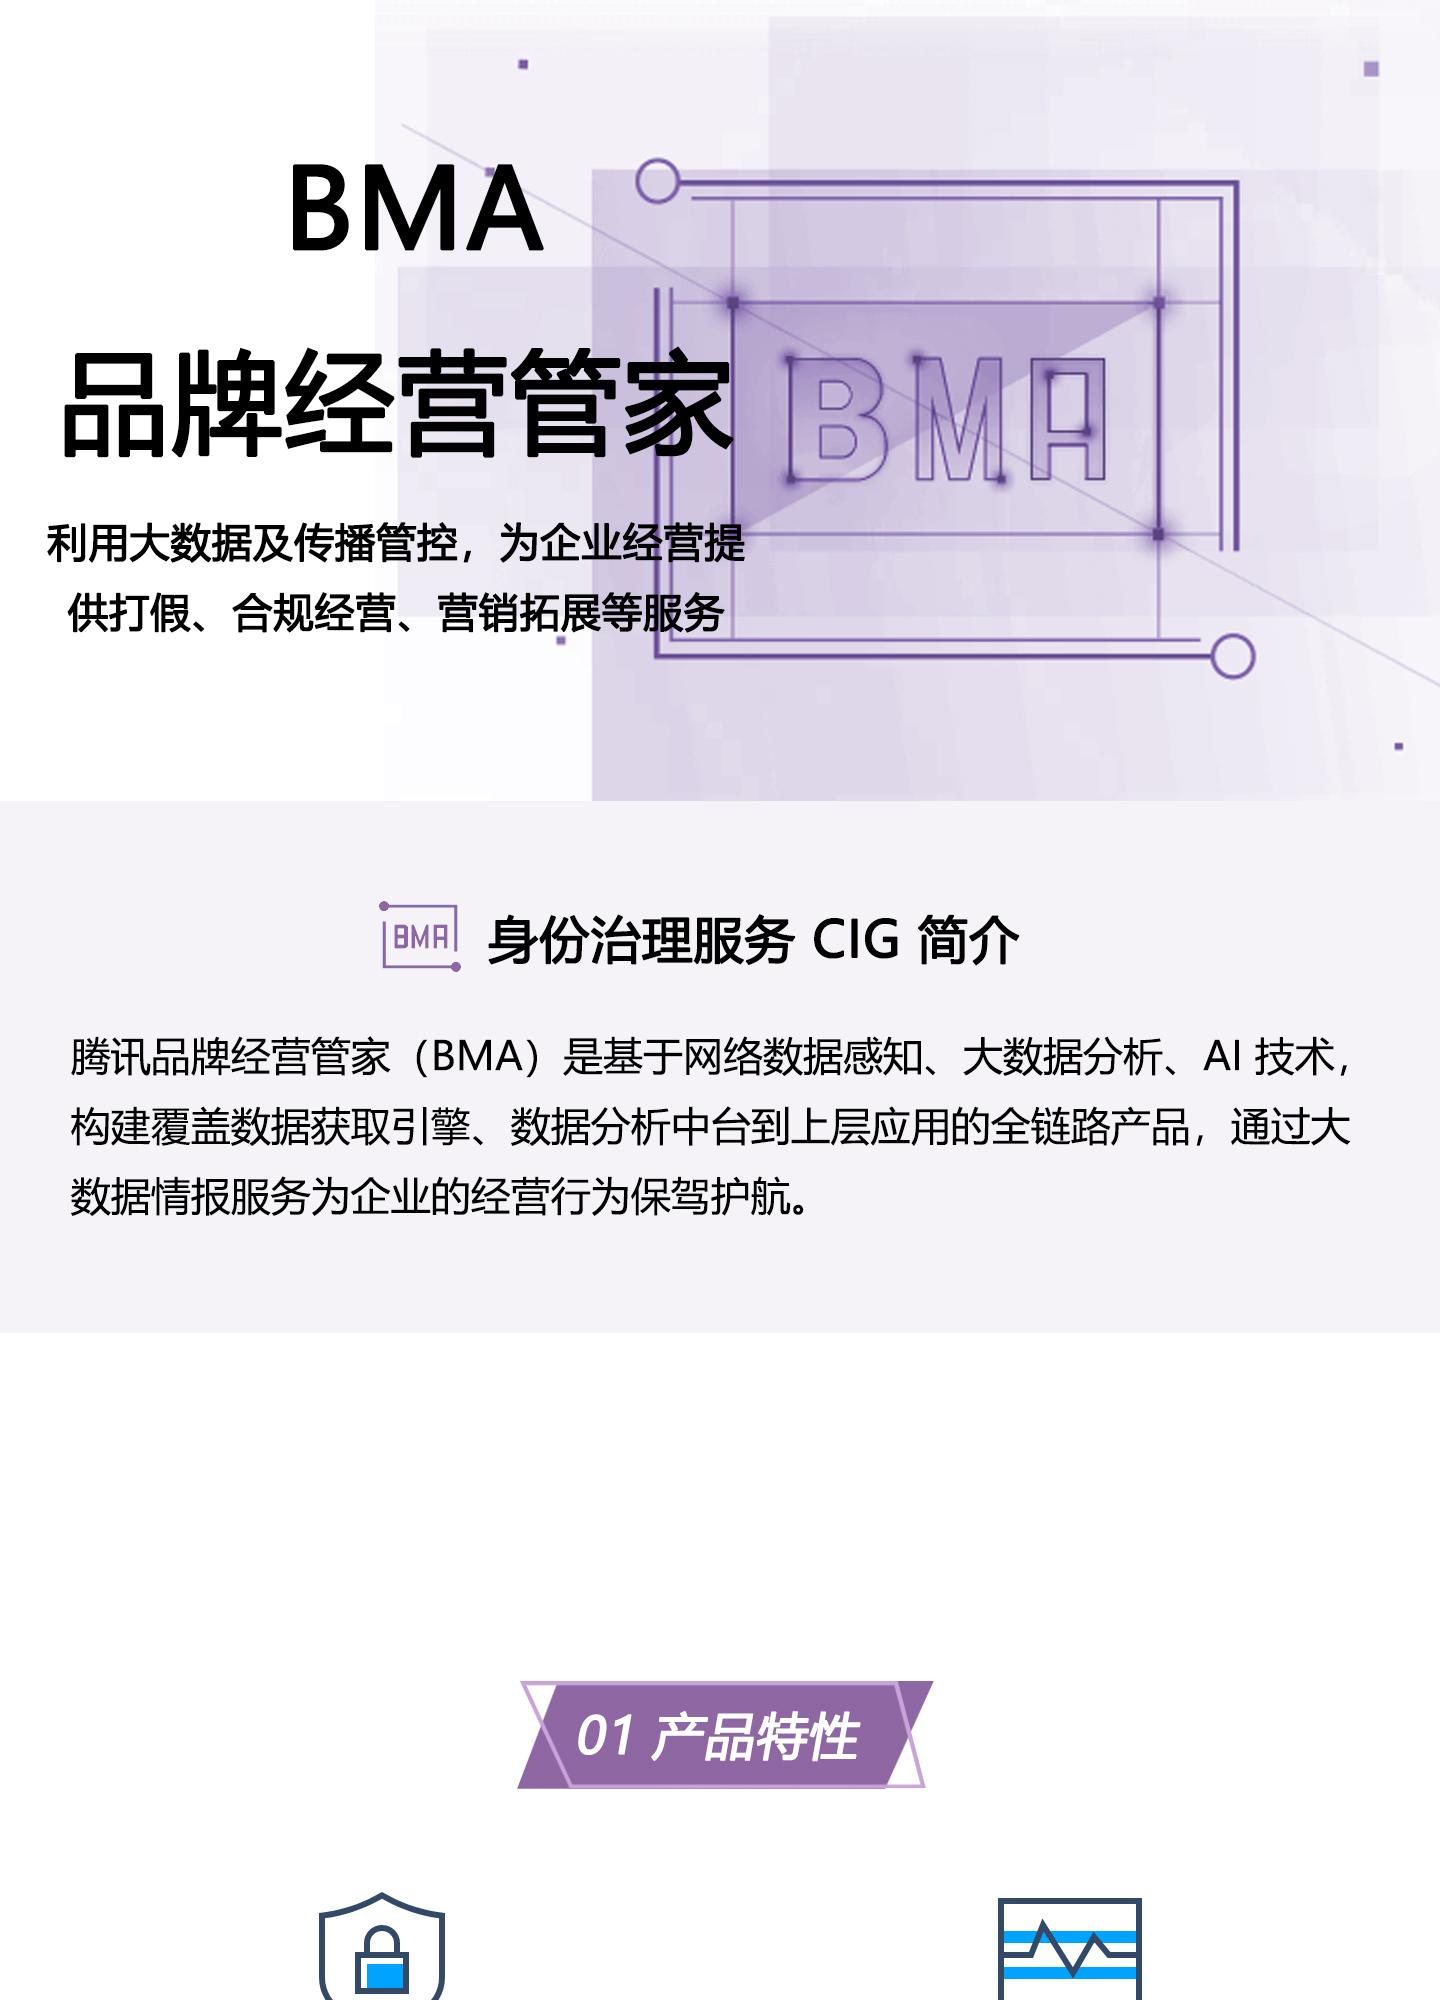 品牌经营管家-BMA1440_01.jpg